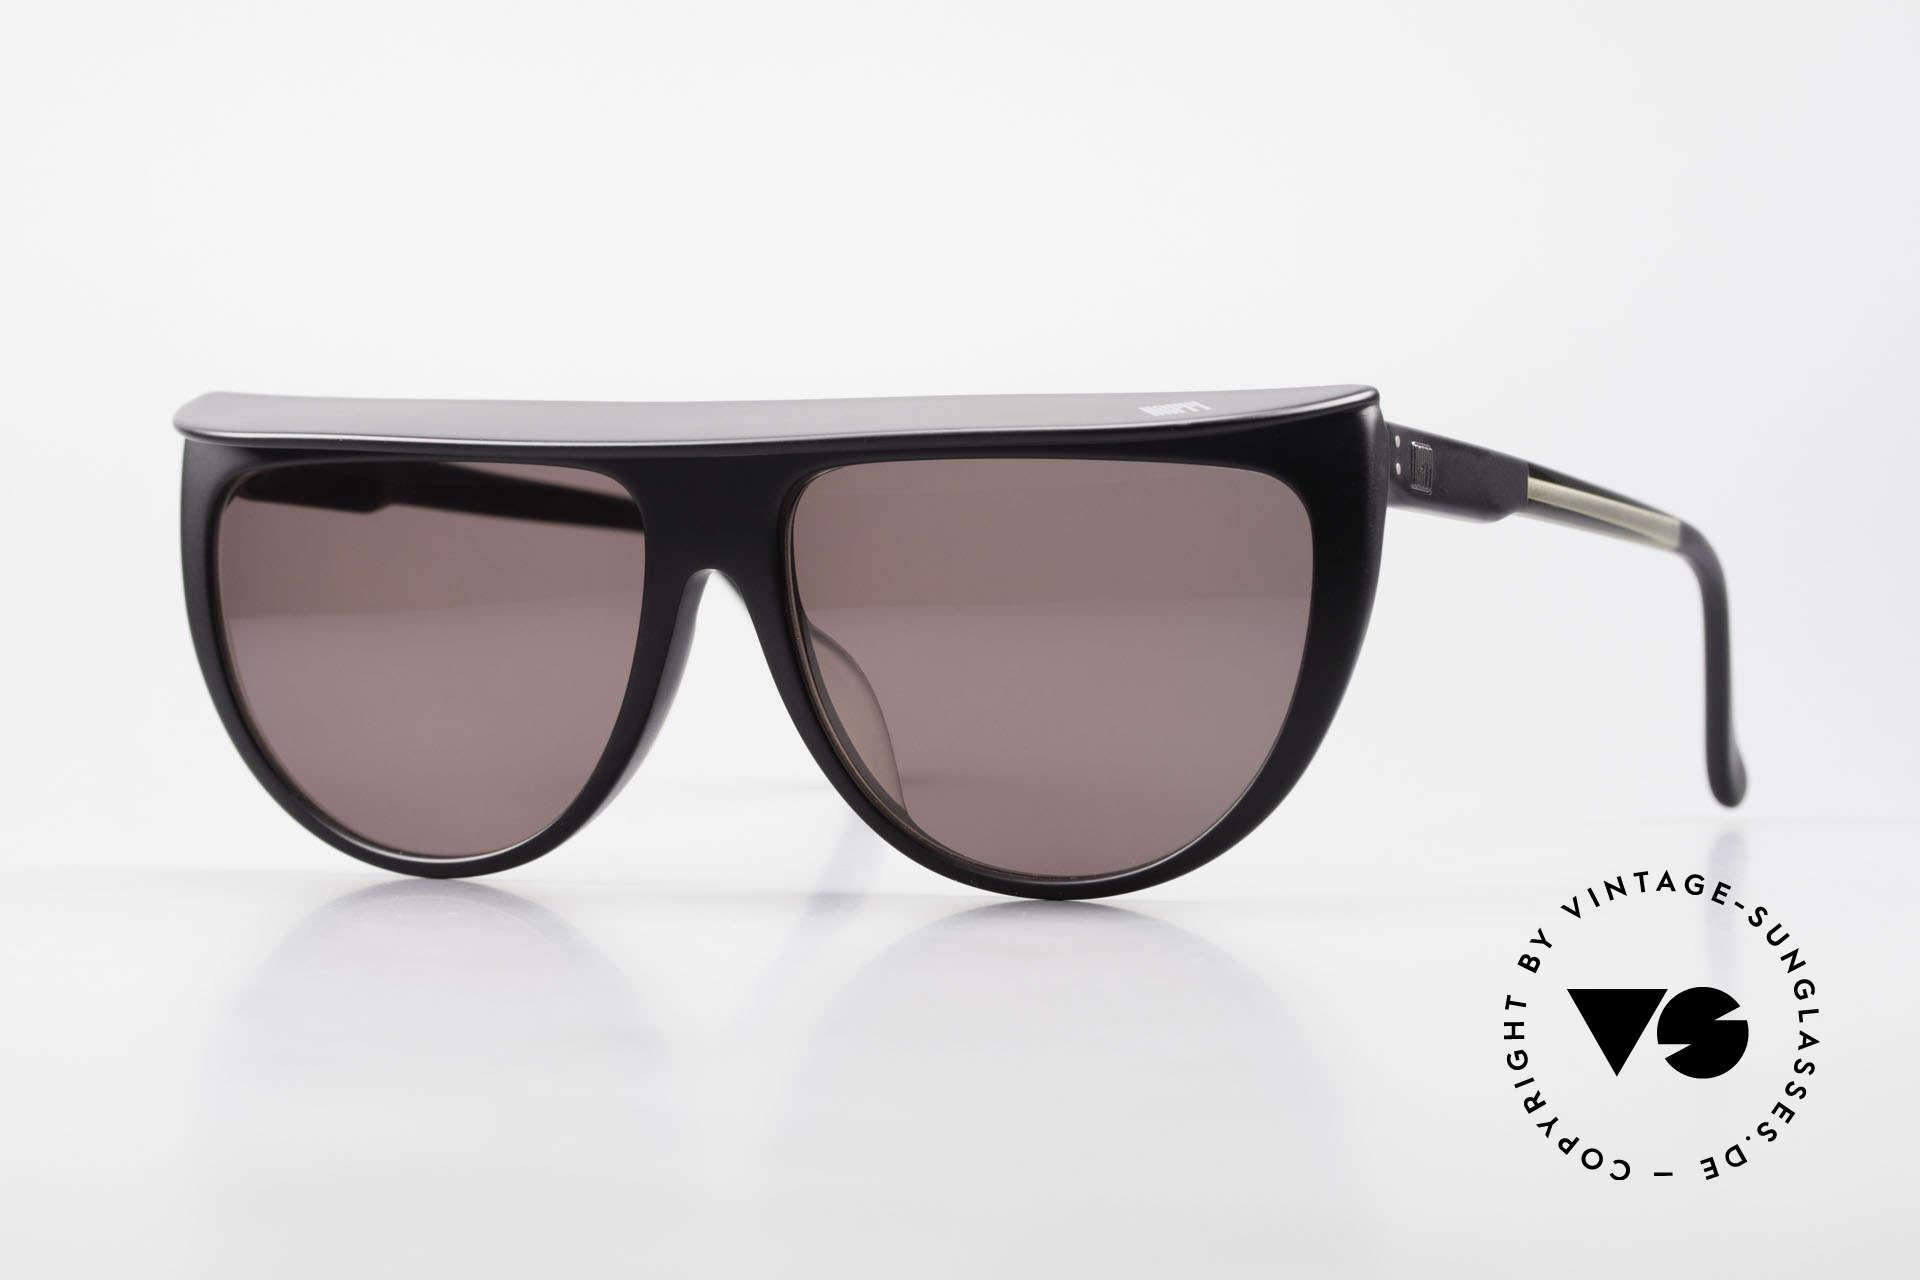 Ugppi 9801 Markisen Sonnenbrille 90er, vintage 90er Insider-Sonnenbrille namens Ugppi 9801, Passend für Herren und Damen